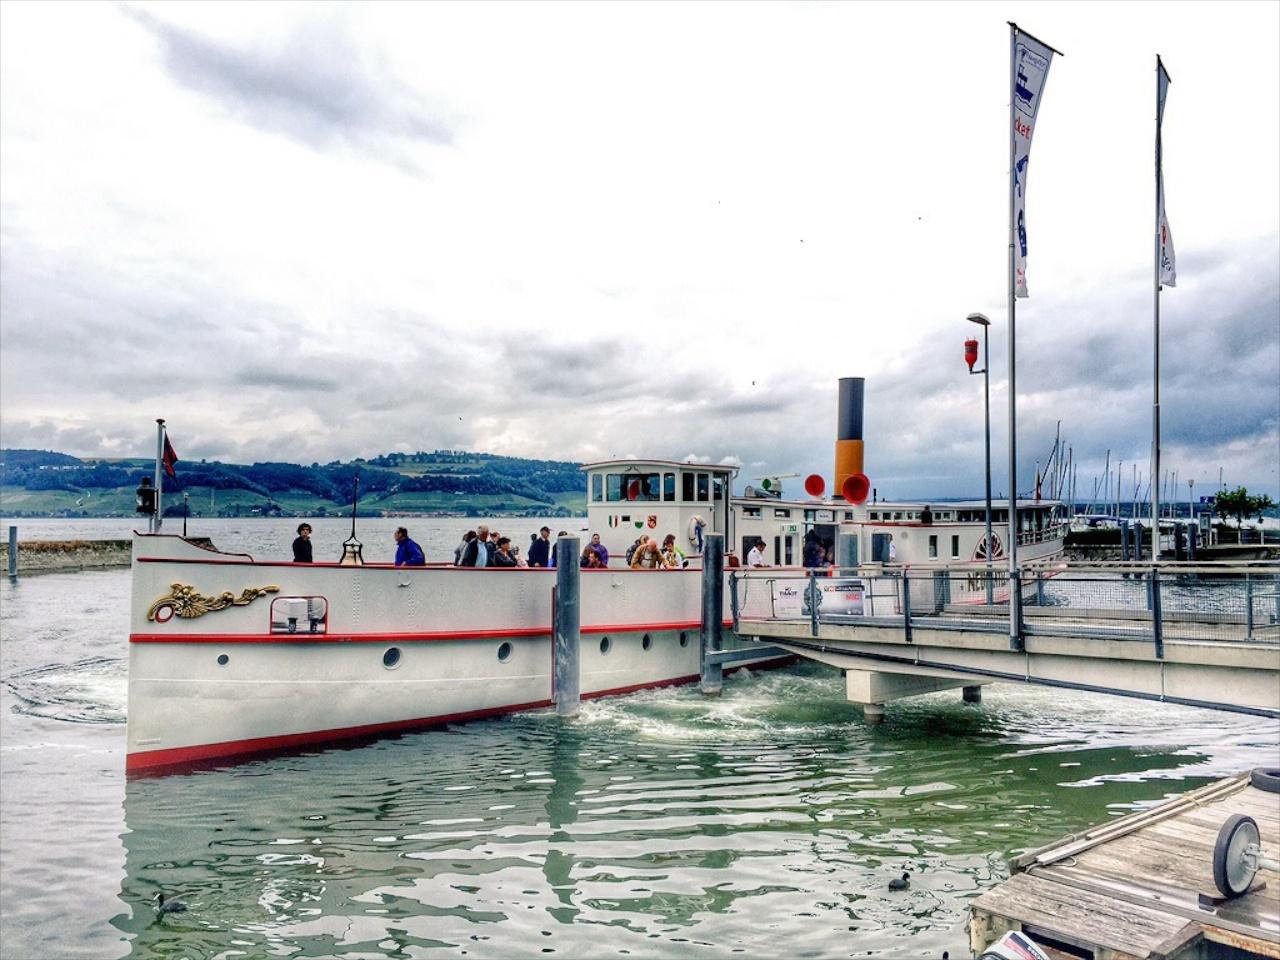 Einsteigen bitte! Der historische Raddampfer Neuchâtel legt in Murten an